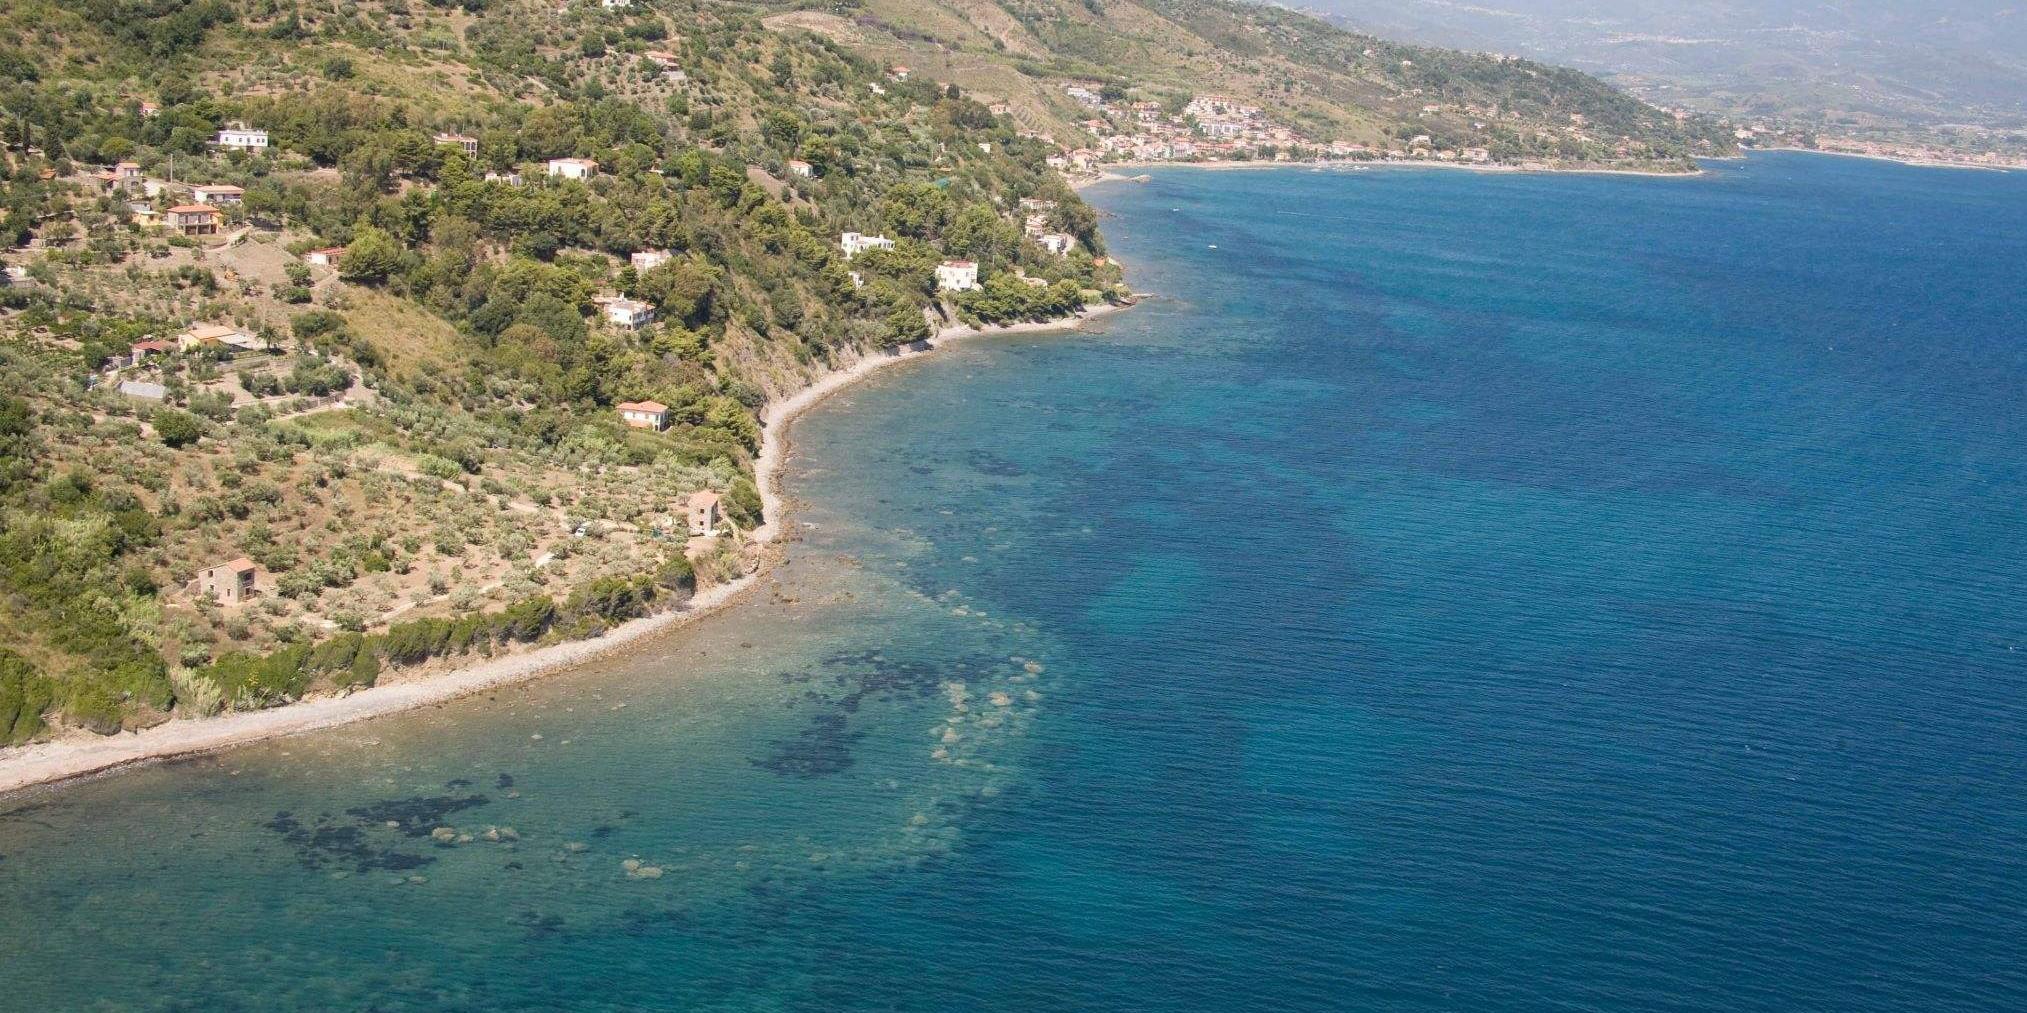 Il mare più bello d'Italia? La Campania raggiunge il podio